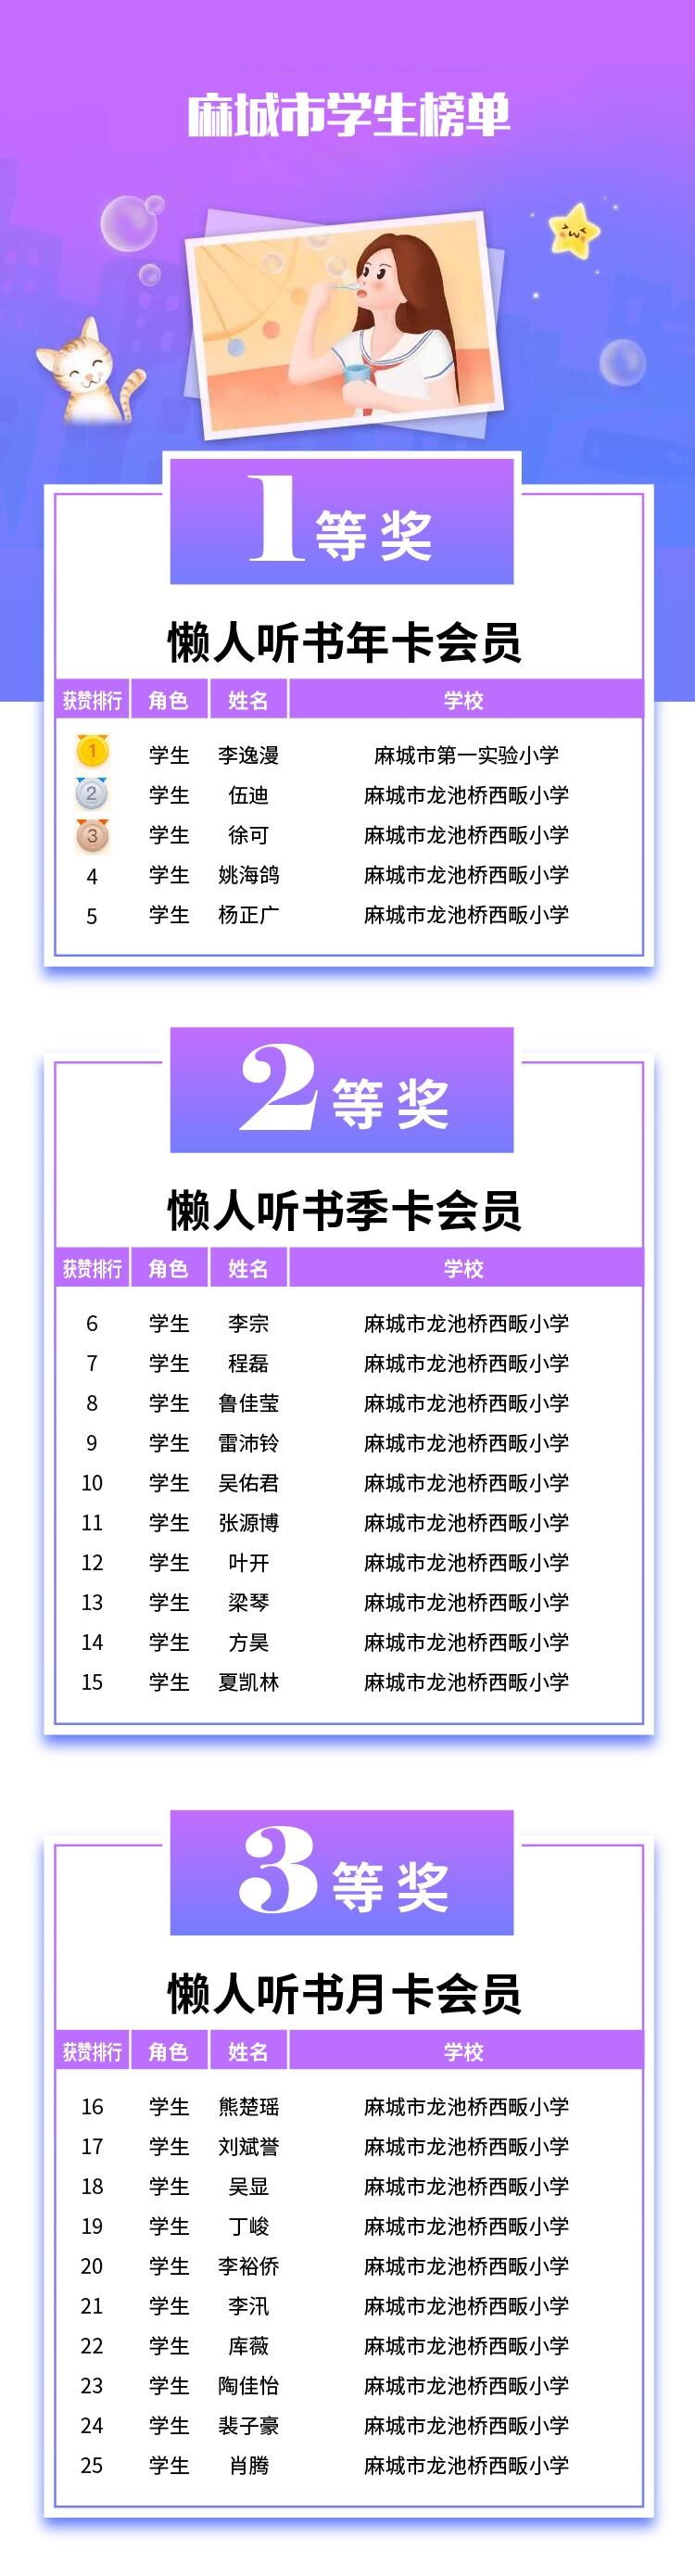 六一活动获奖名单-08麻城市学生.jpg